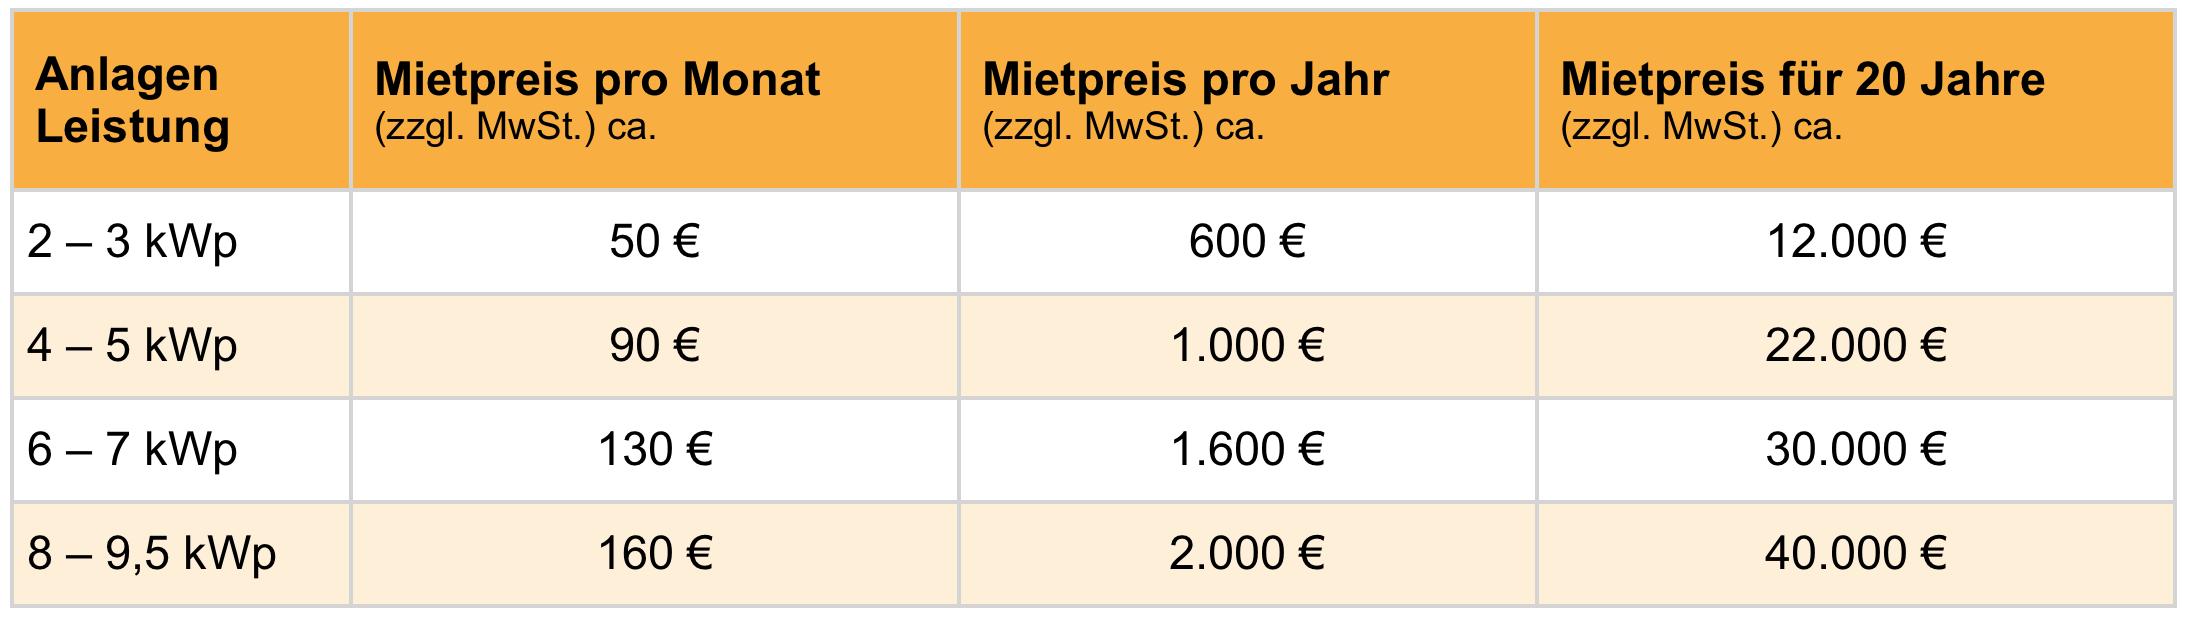 Solaranlage kaufen oder mieten: Übersicht der durchschnittlichen Marktpreise für die Miete. Tabelle zeigt monatliche Preise von 50 € bis 160 €, jährliche Preise von 600 € bis 2000 € und 20 Jahre von 12000 € bis 40000 €.